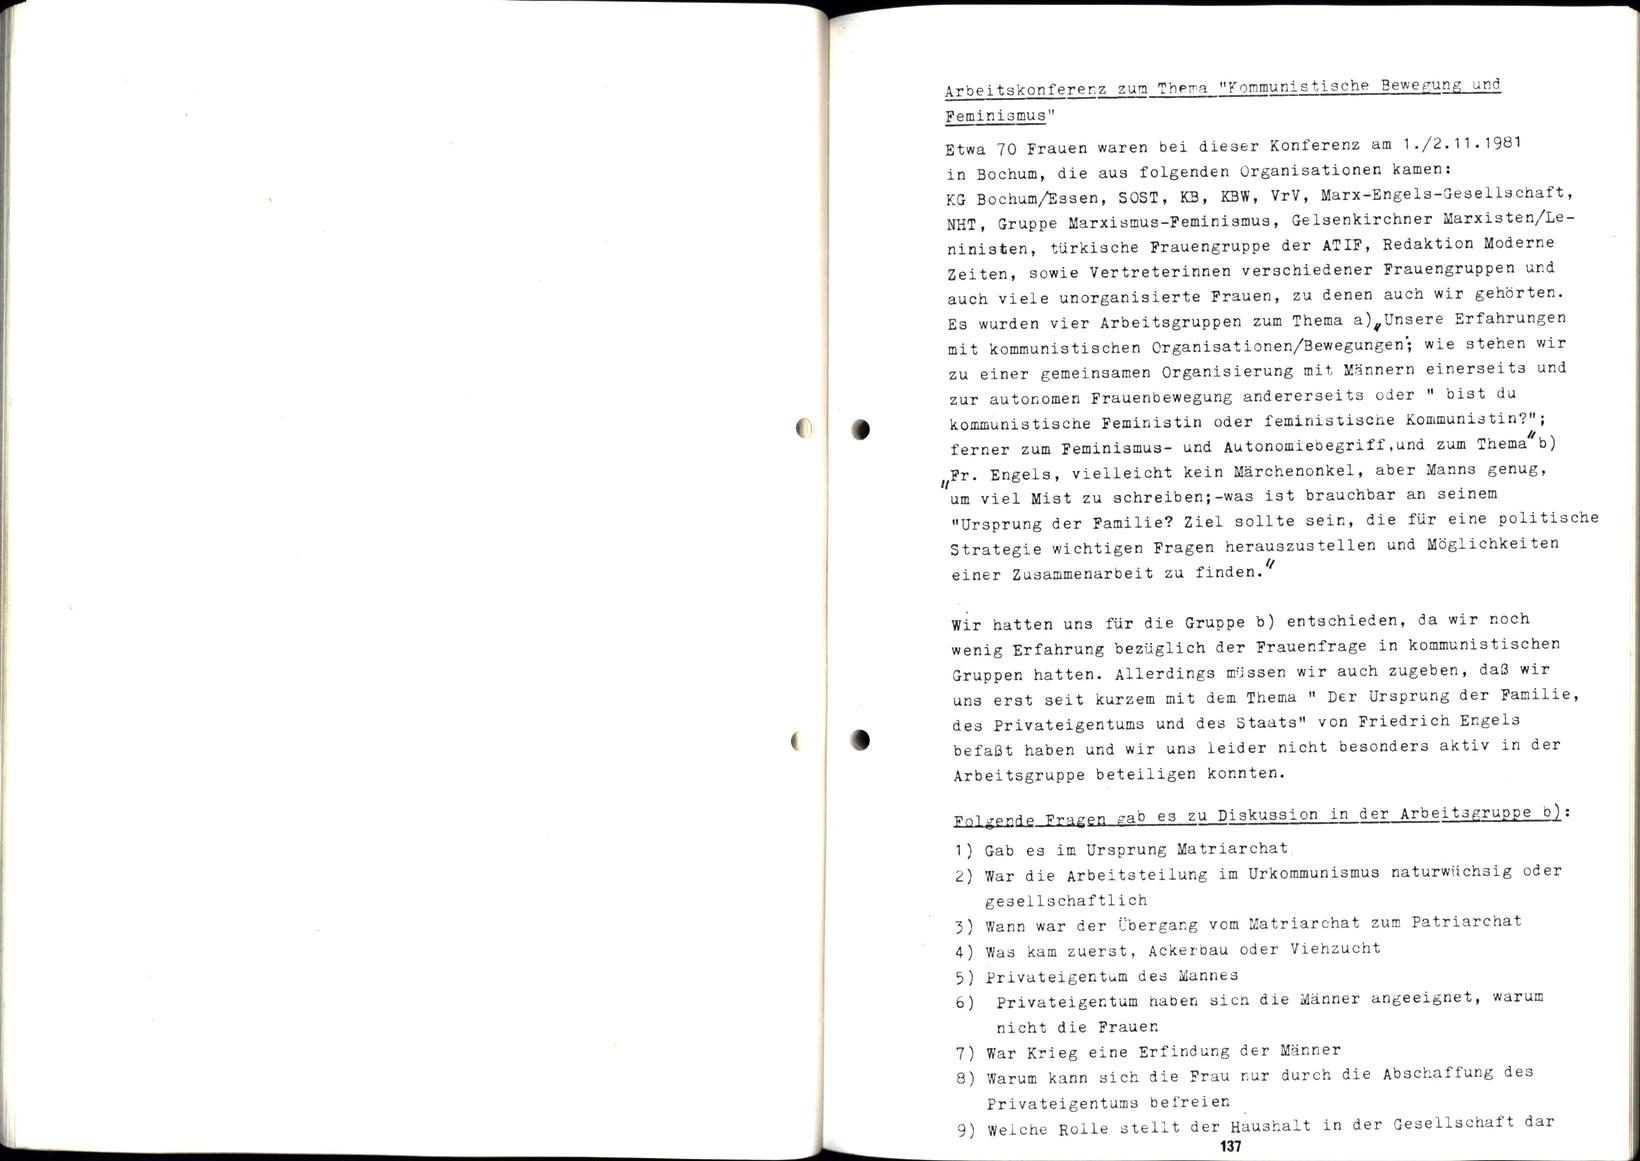 Ulm_KKU_19820118_007_124